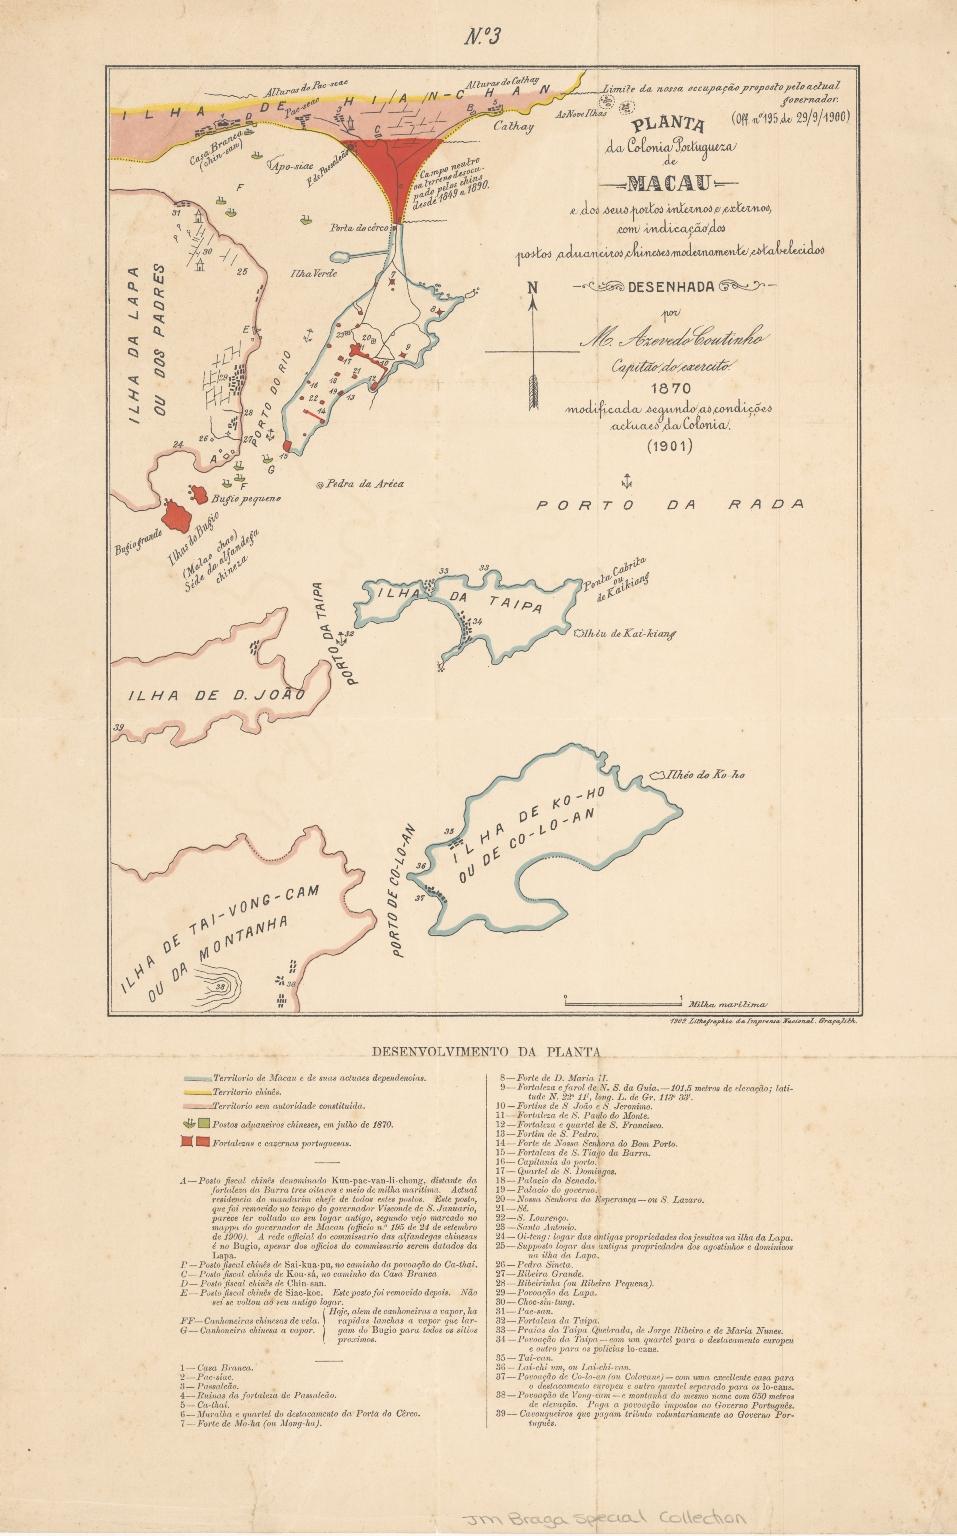 Planta da colonia portugueza de Macau e dos seus portos internos e externos, com indicação dos postos aduaneiros chineses modernamente estabelecidos